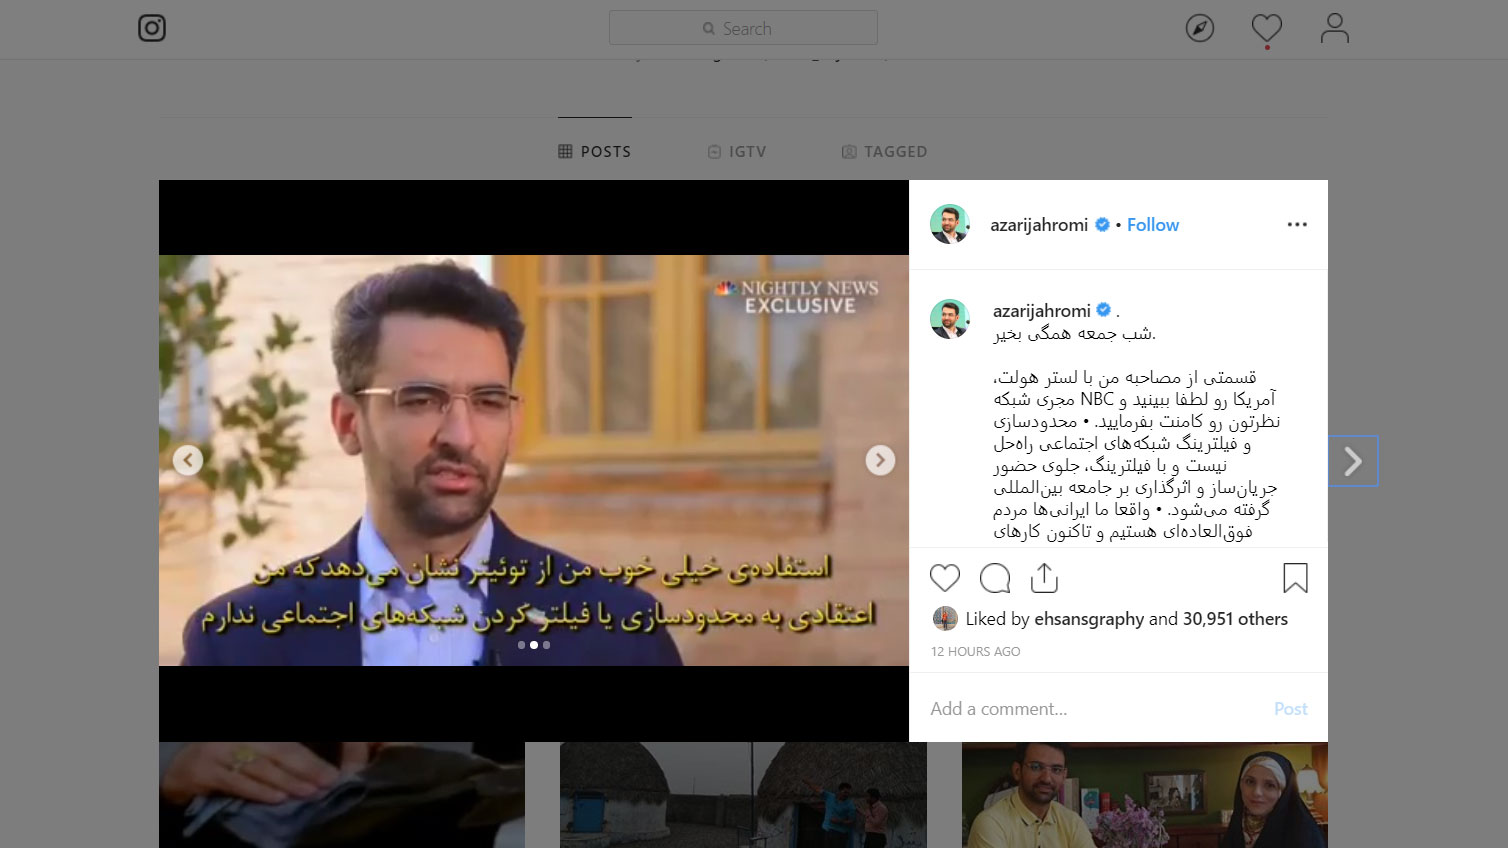 محدودیت و فیلتر آسیبزا است: وزیر ارتباطات در مصاحبه با شبکه NBC امریکا